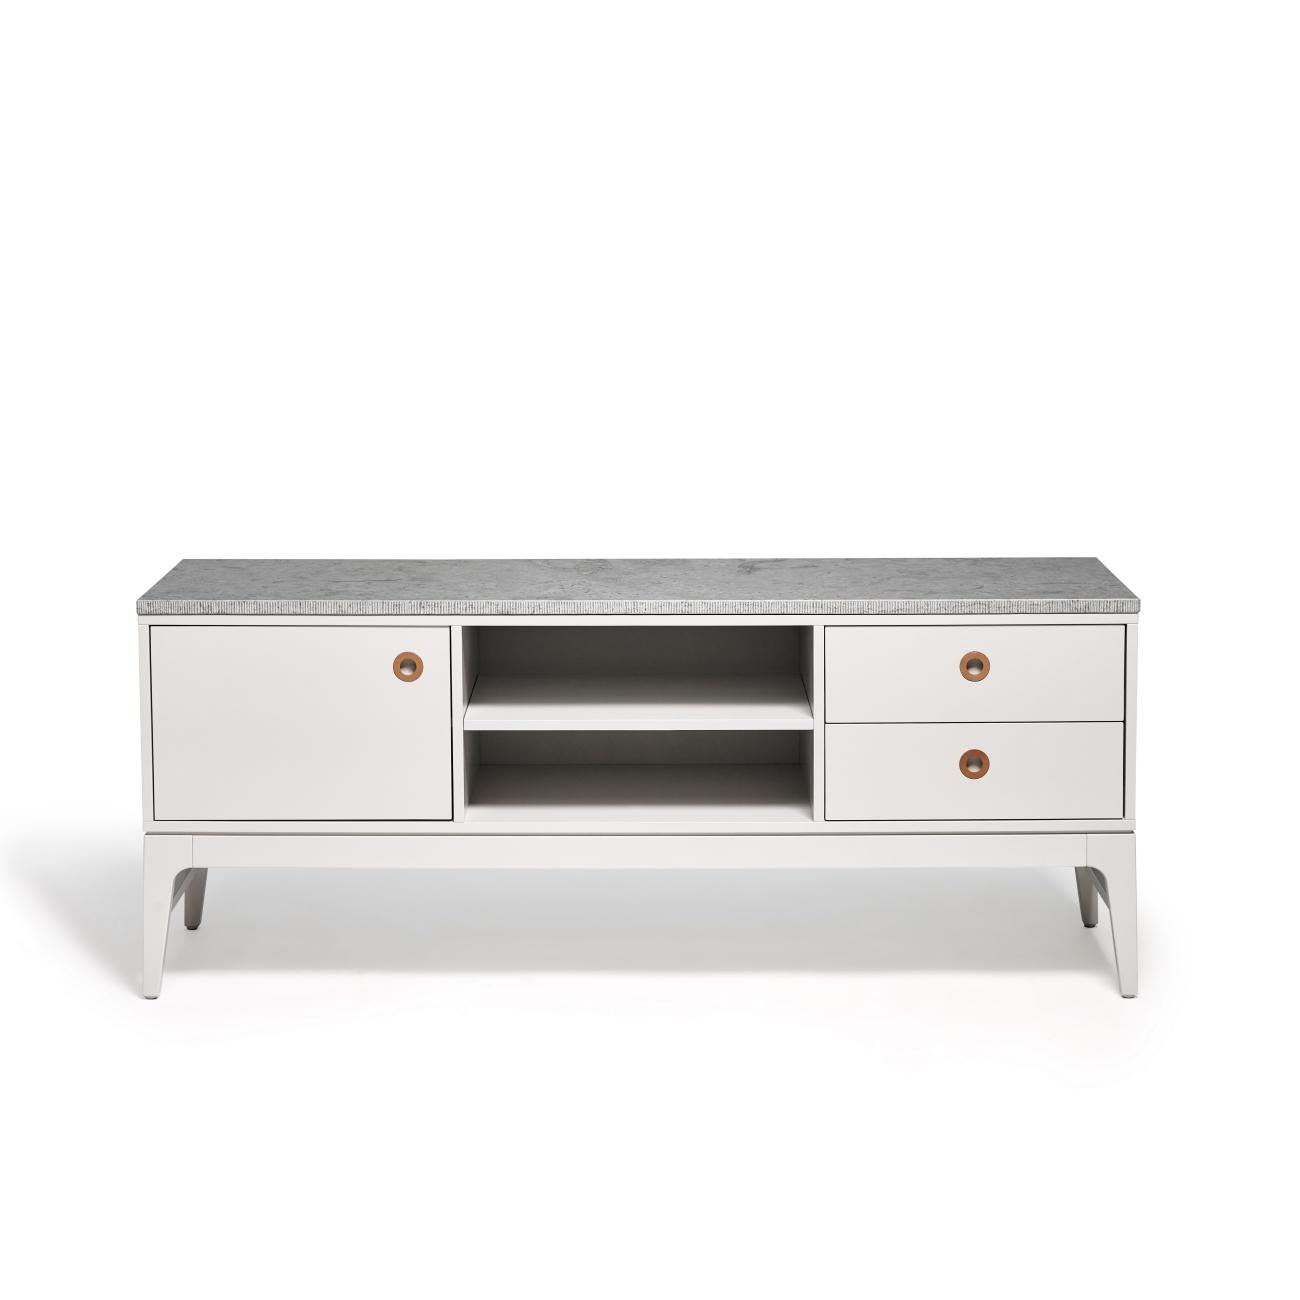 Höllviken TV-bänk 150 cm grå/ kalksten, Mavis